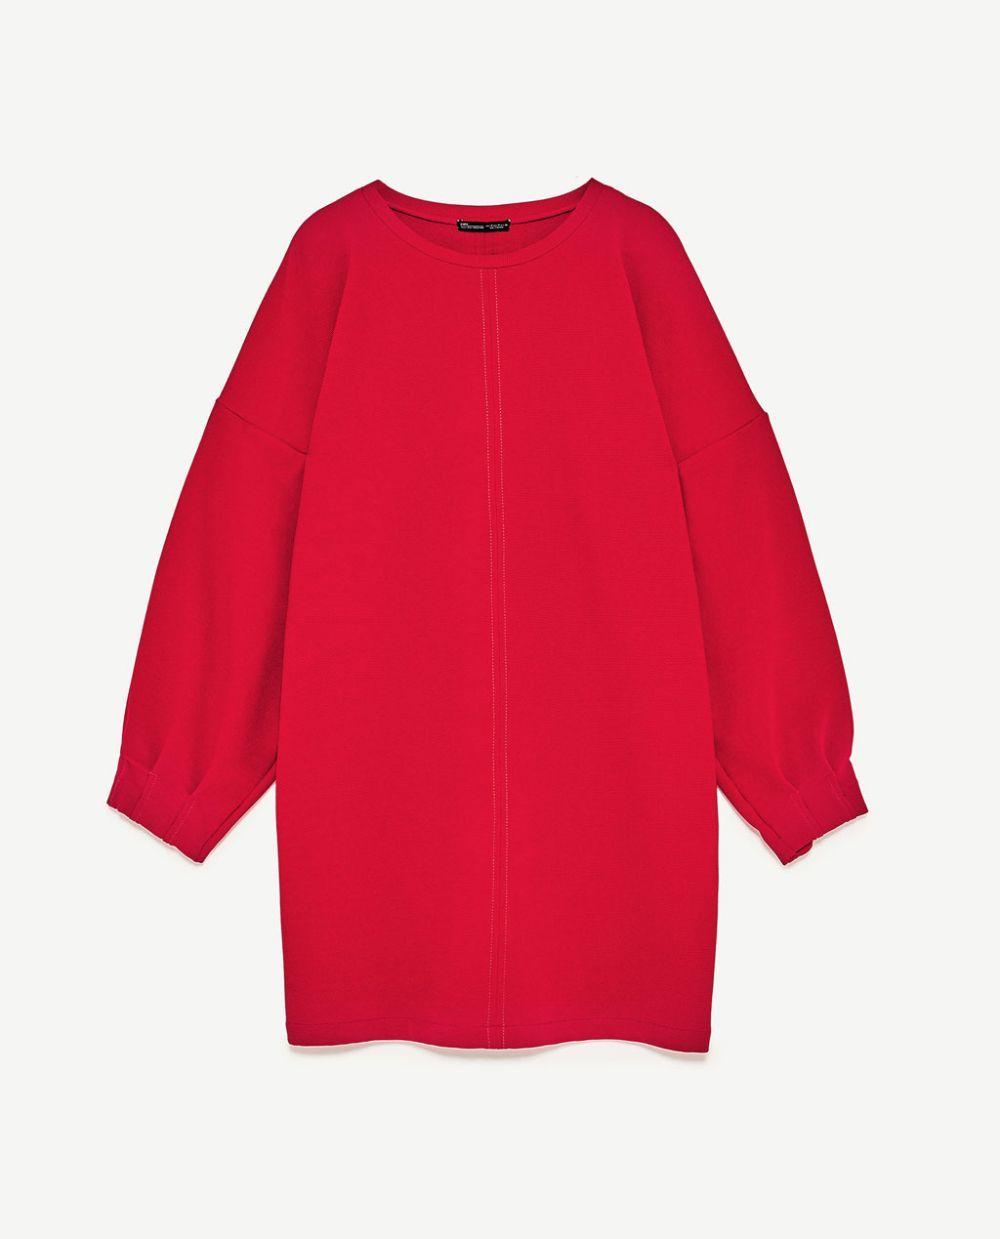 Vestido rojo fluído. De Zara (25,95 euros).